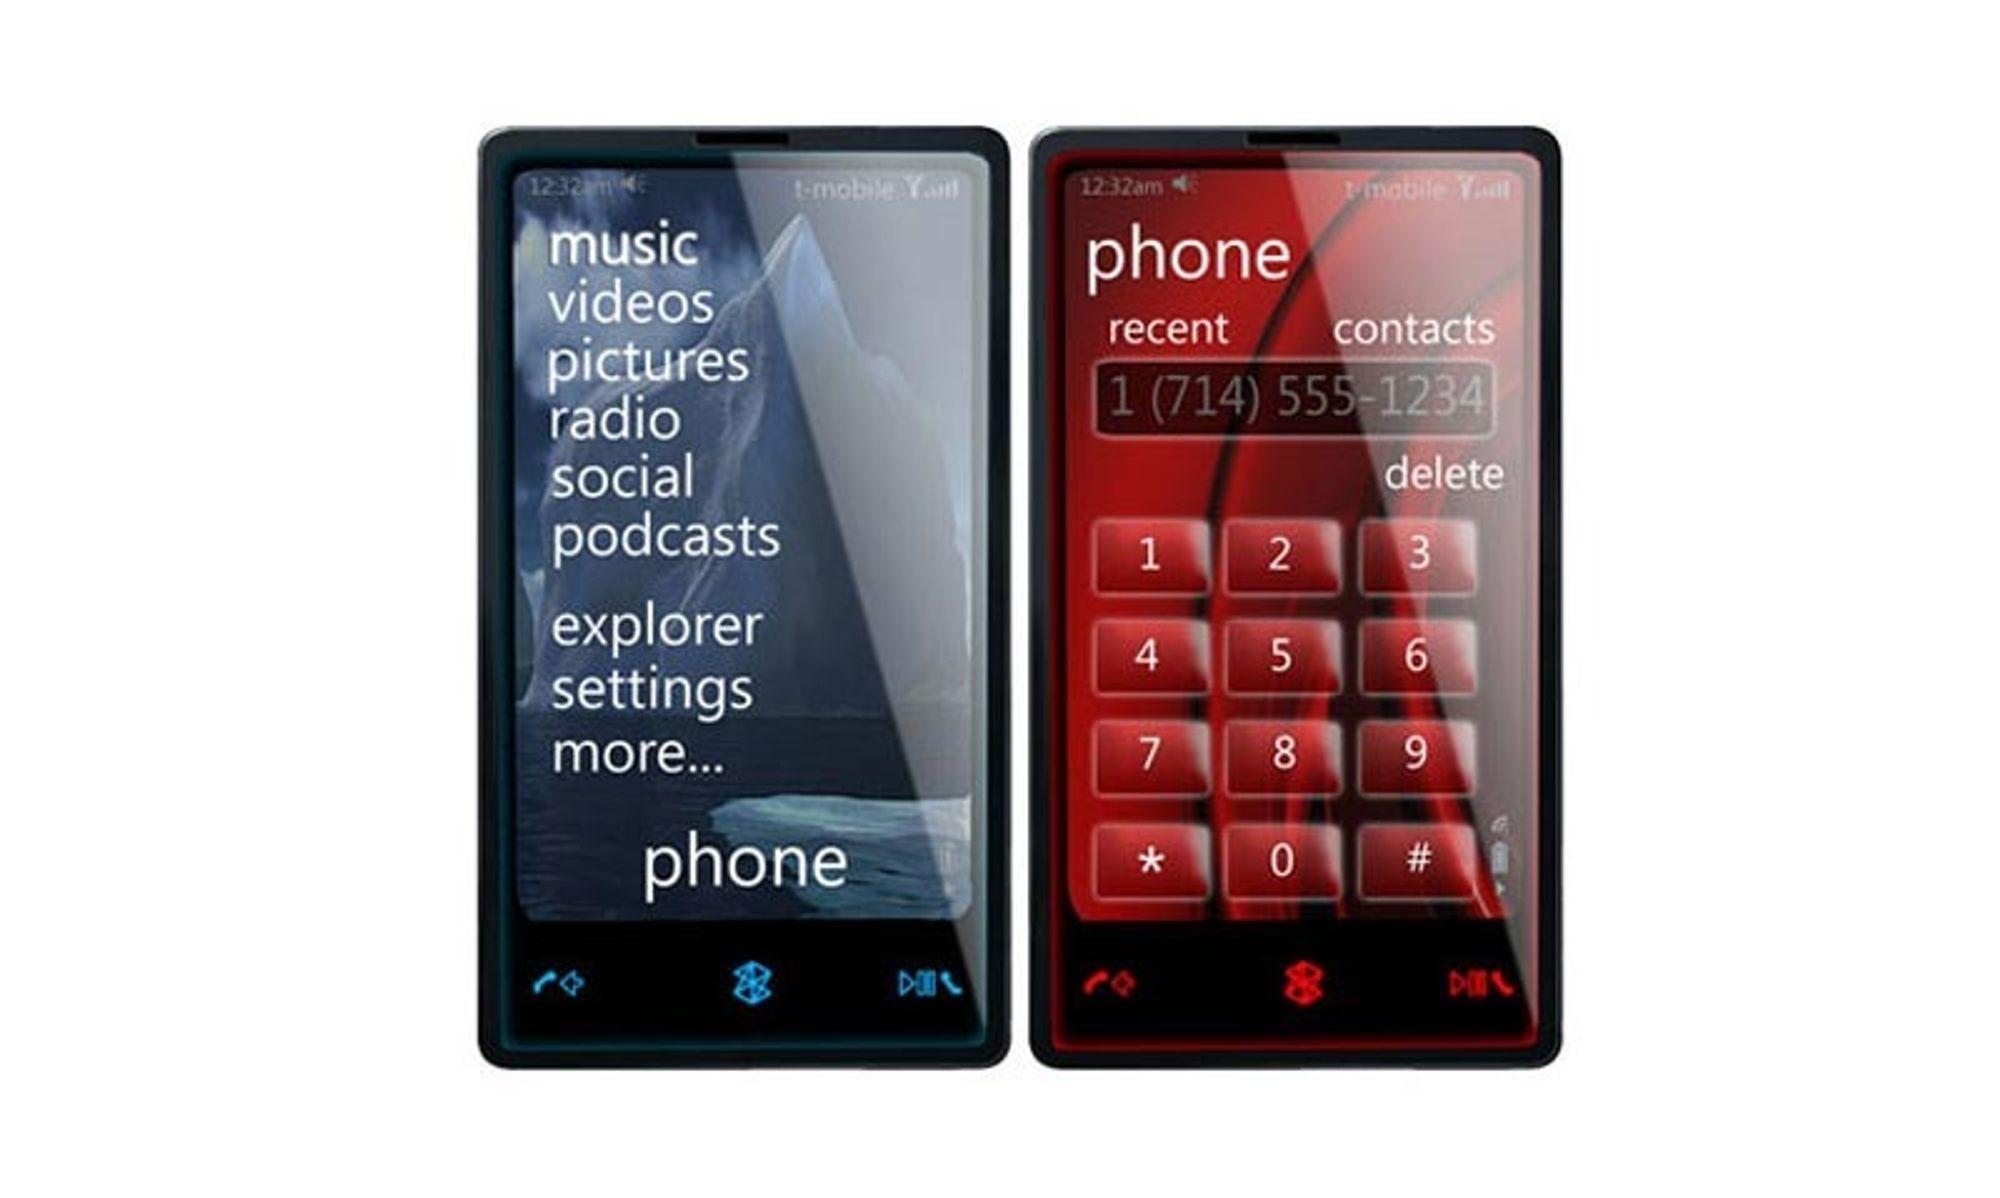 Kommer endelig Zune-telefonen?